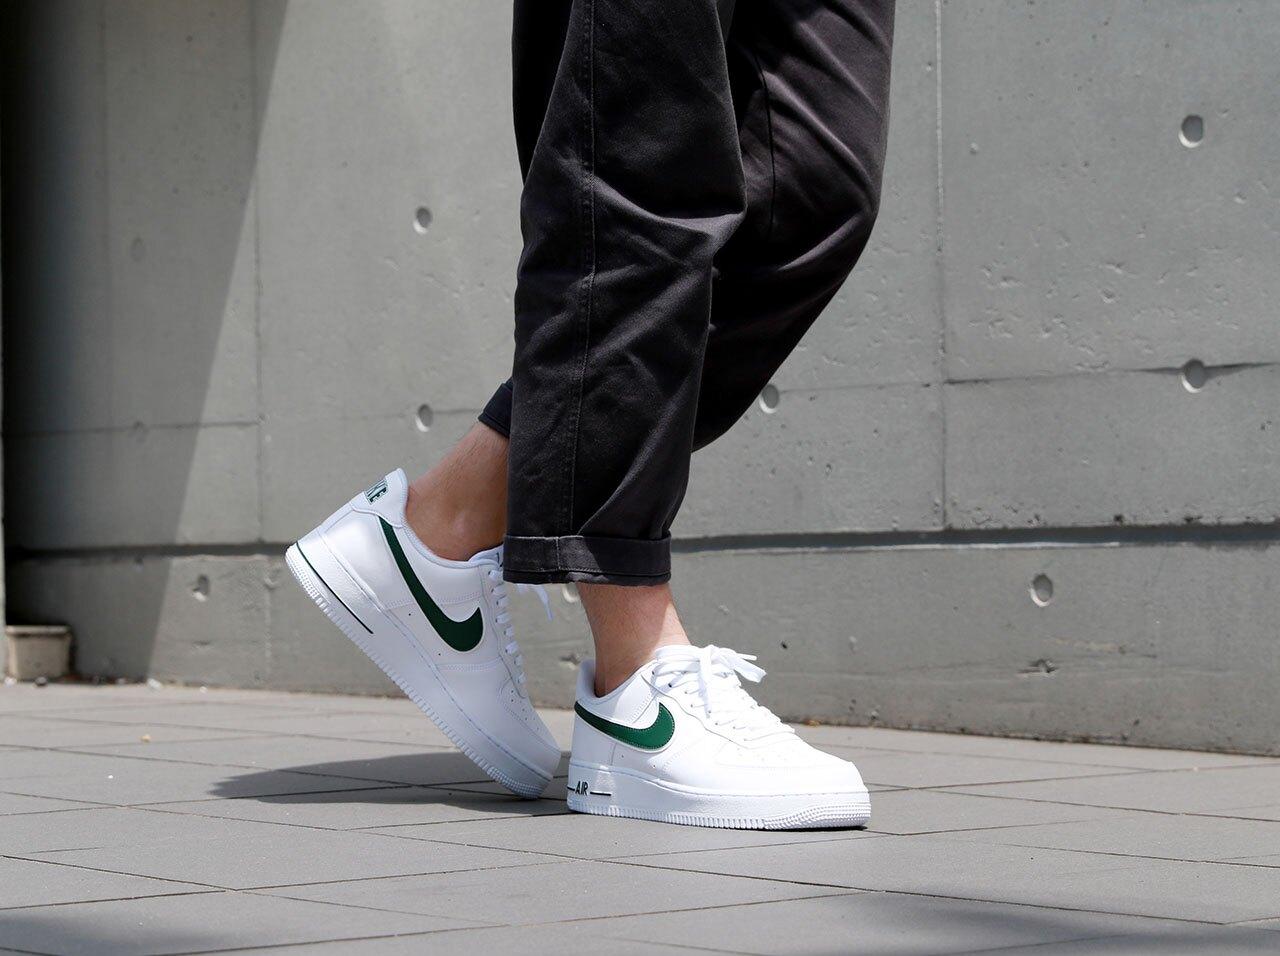 【日本海外代購】NIKE AIR FORCE 1 AF1 空軍 白色 綠色 綠勾 滑板 休閒 情侶鞋 AO2423-104